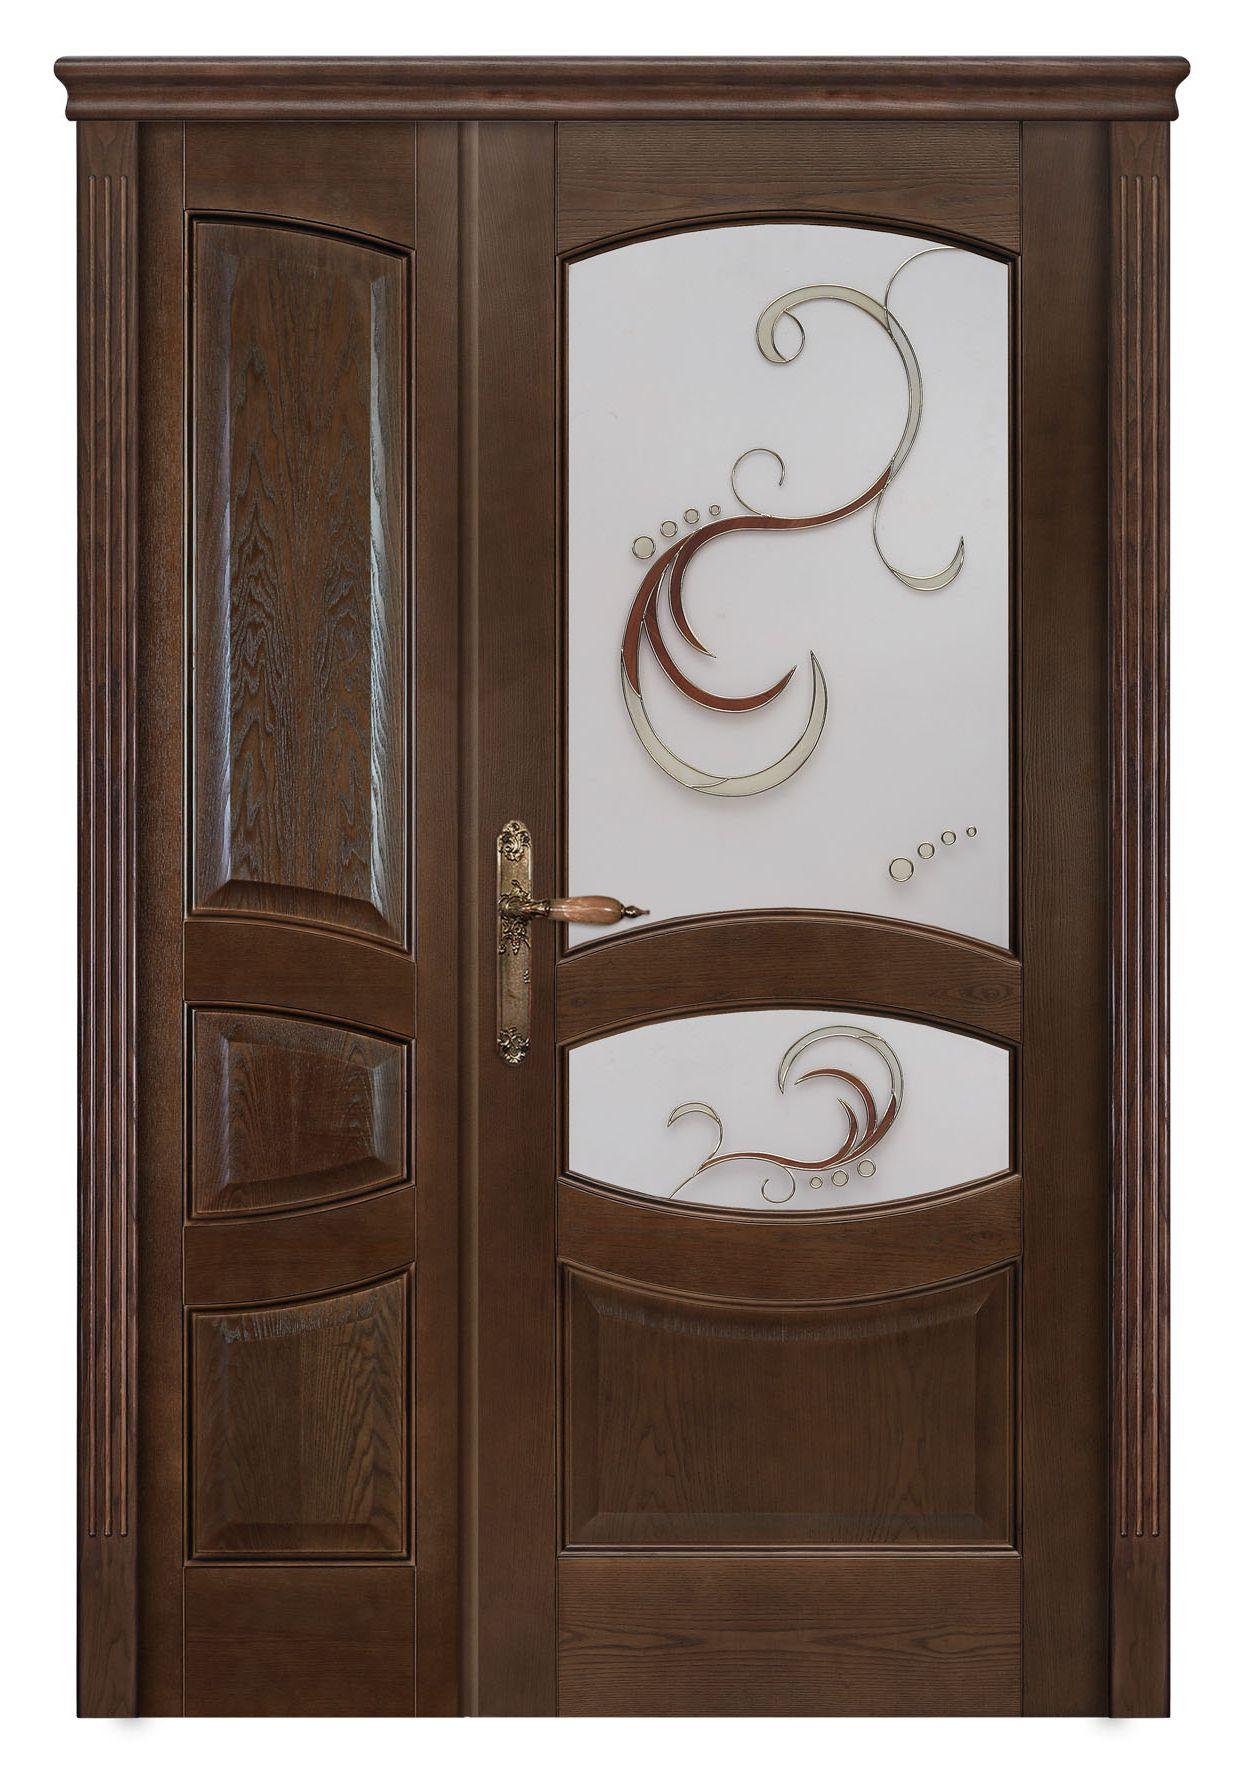 Classic front doors